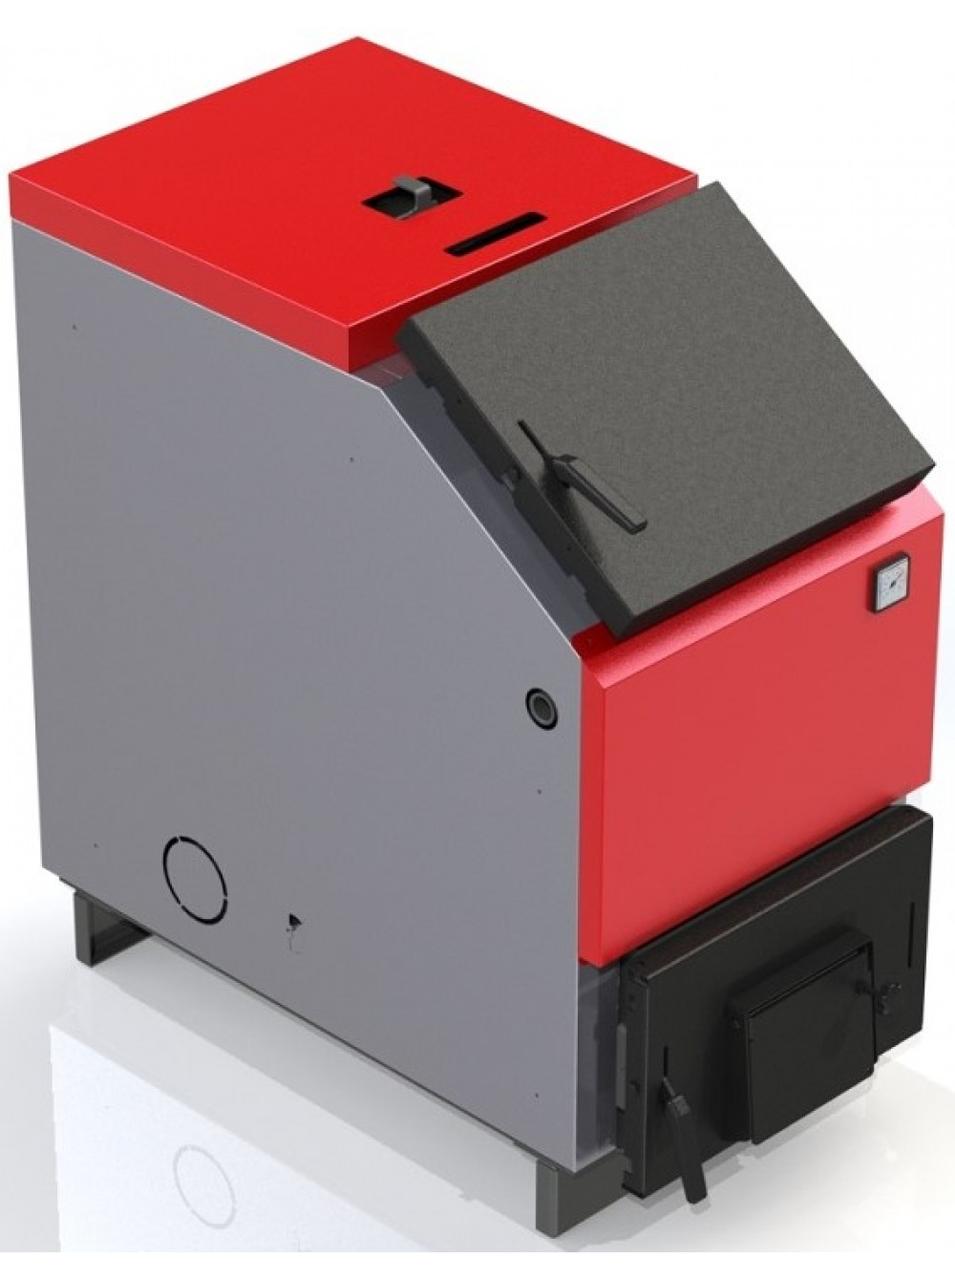 Шахтный твердотопливный котел ProTech ТТ-14 кВт ECO Long длительного нижнего горения из стали 3 мм